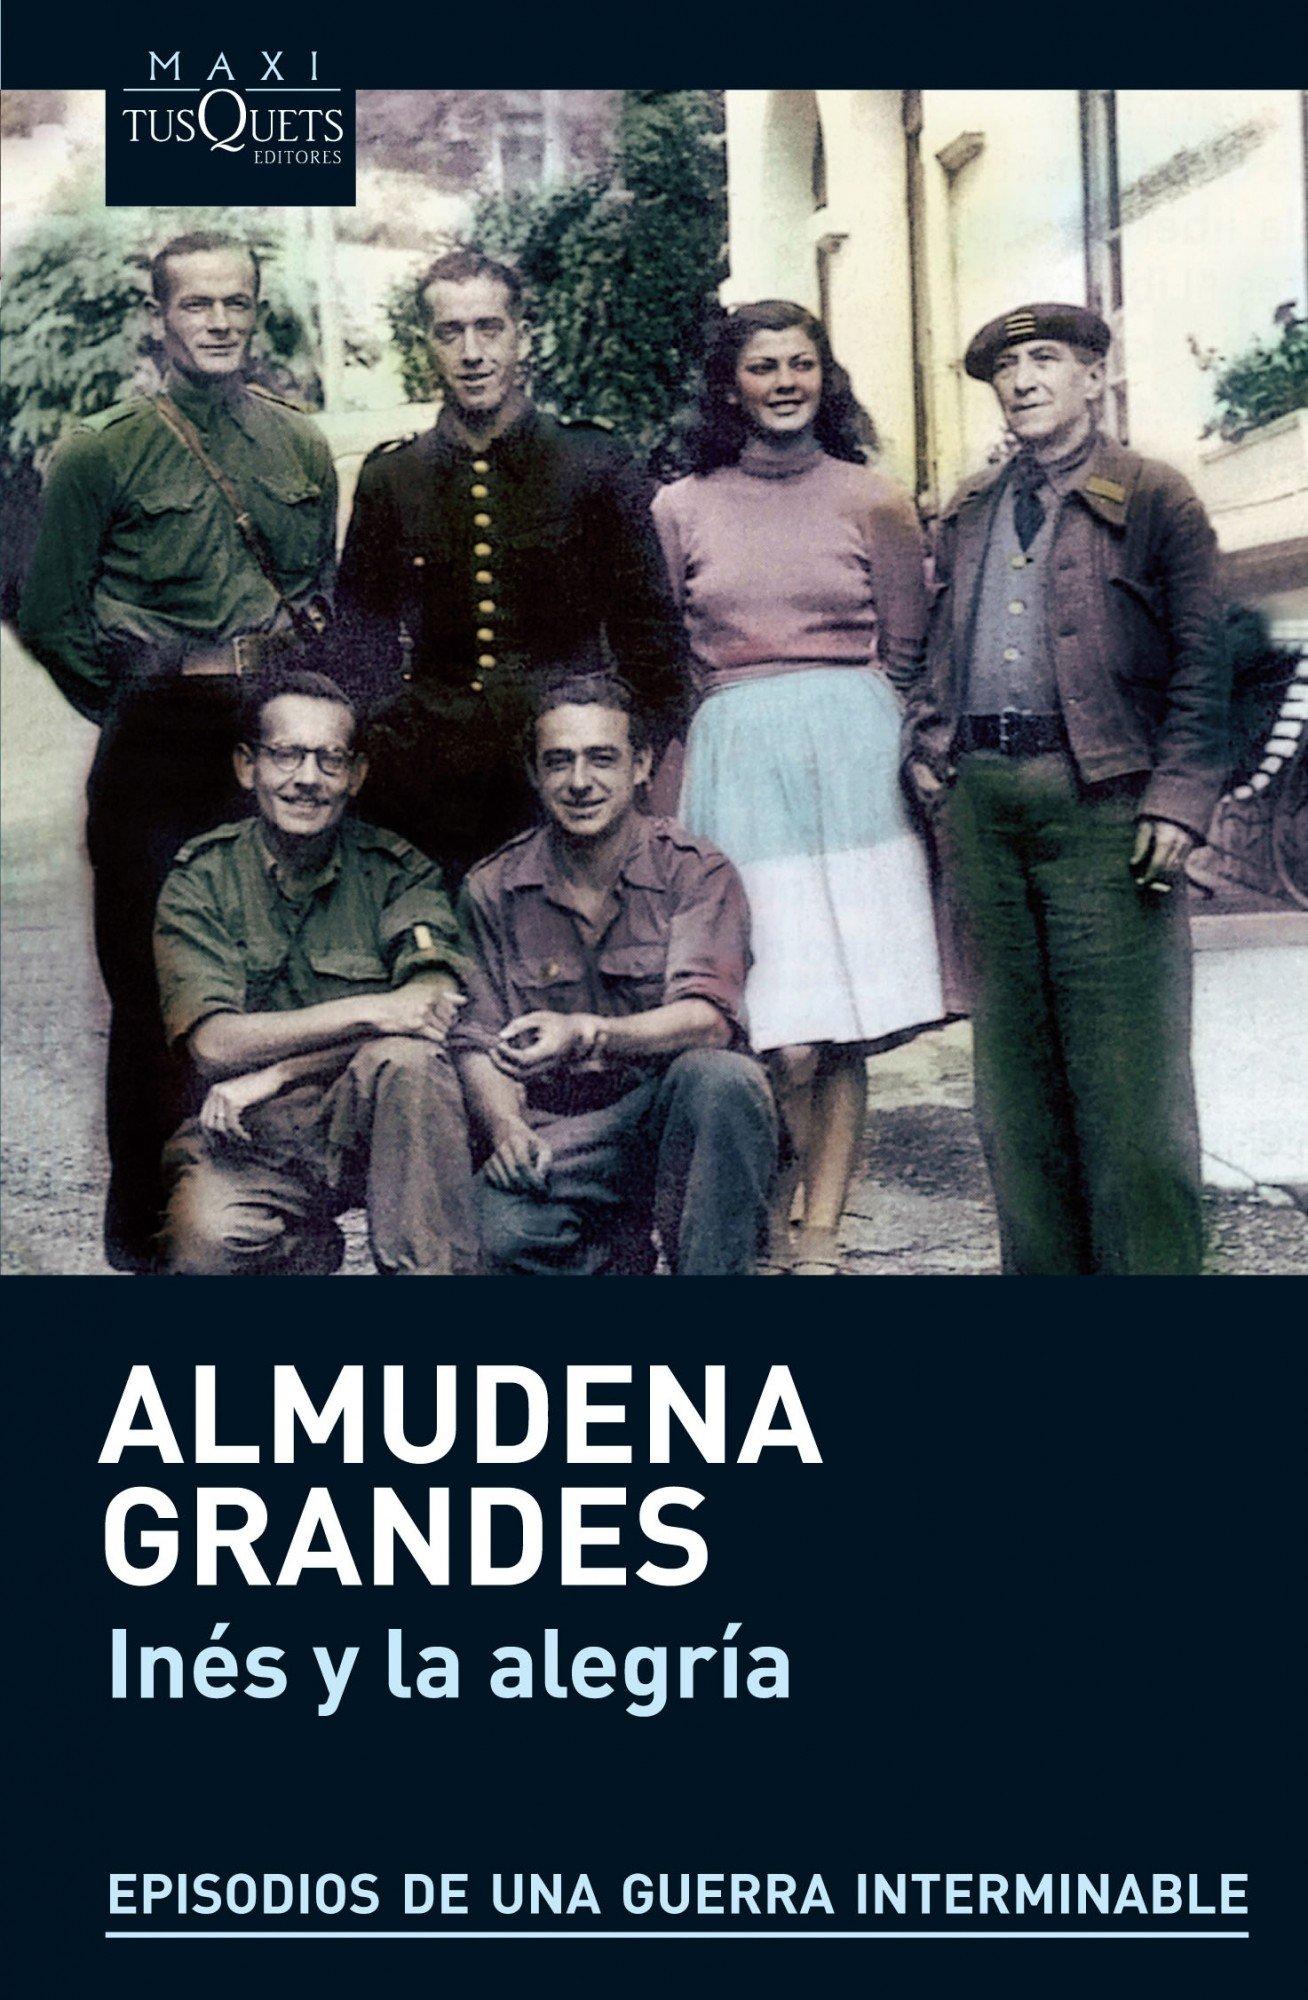 Ines Y LA Alegria (Spanish Edition): Almudena Grandes: 9788483836019: Amazon.com: Books